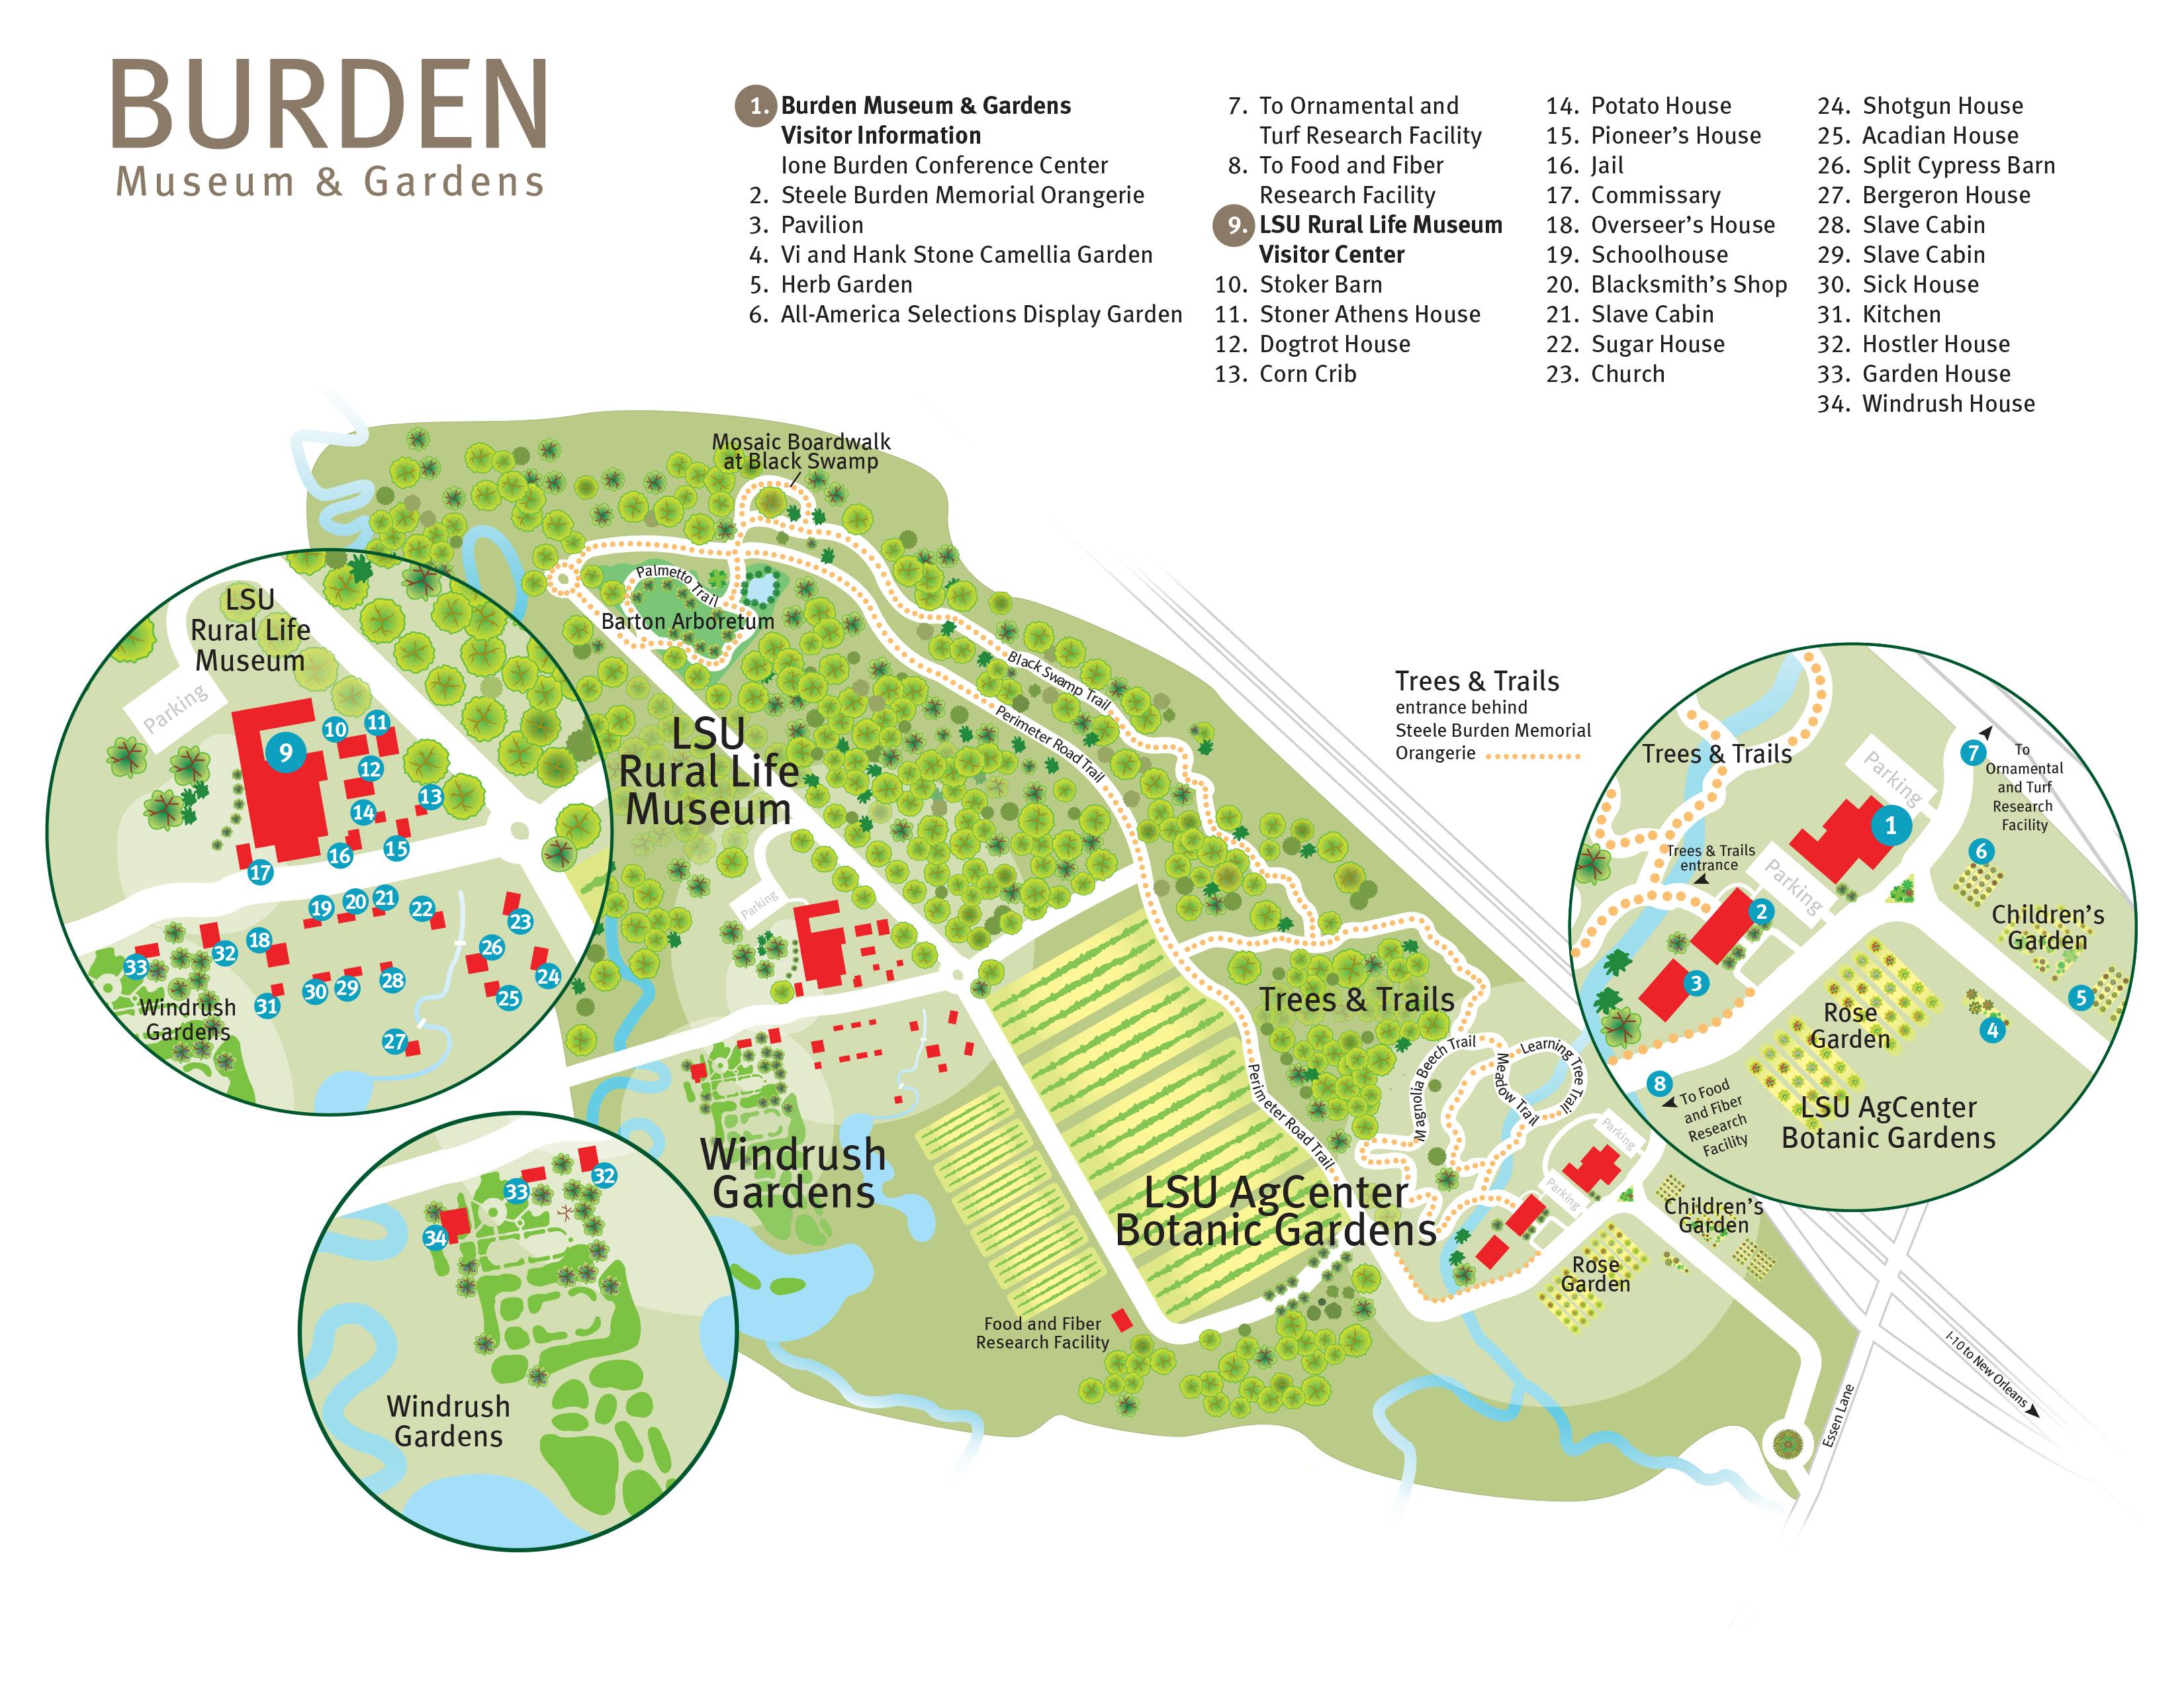 Burden Museum Amp Gardens